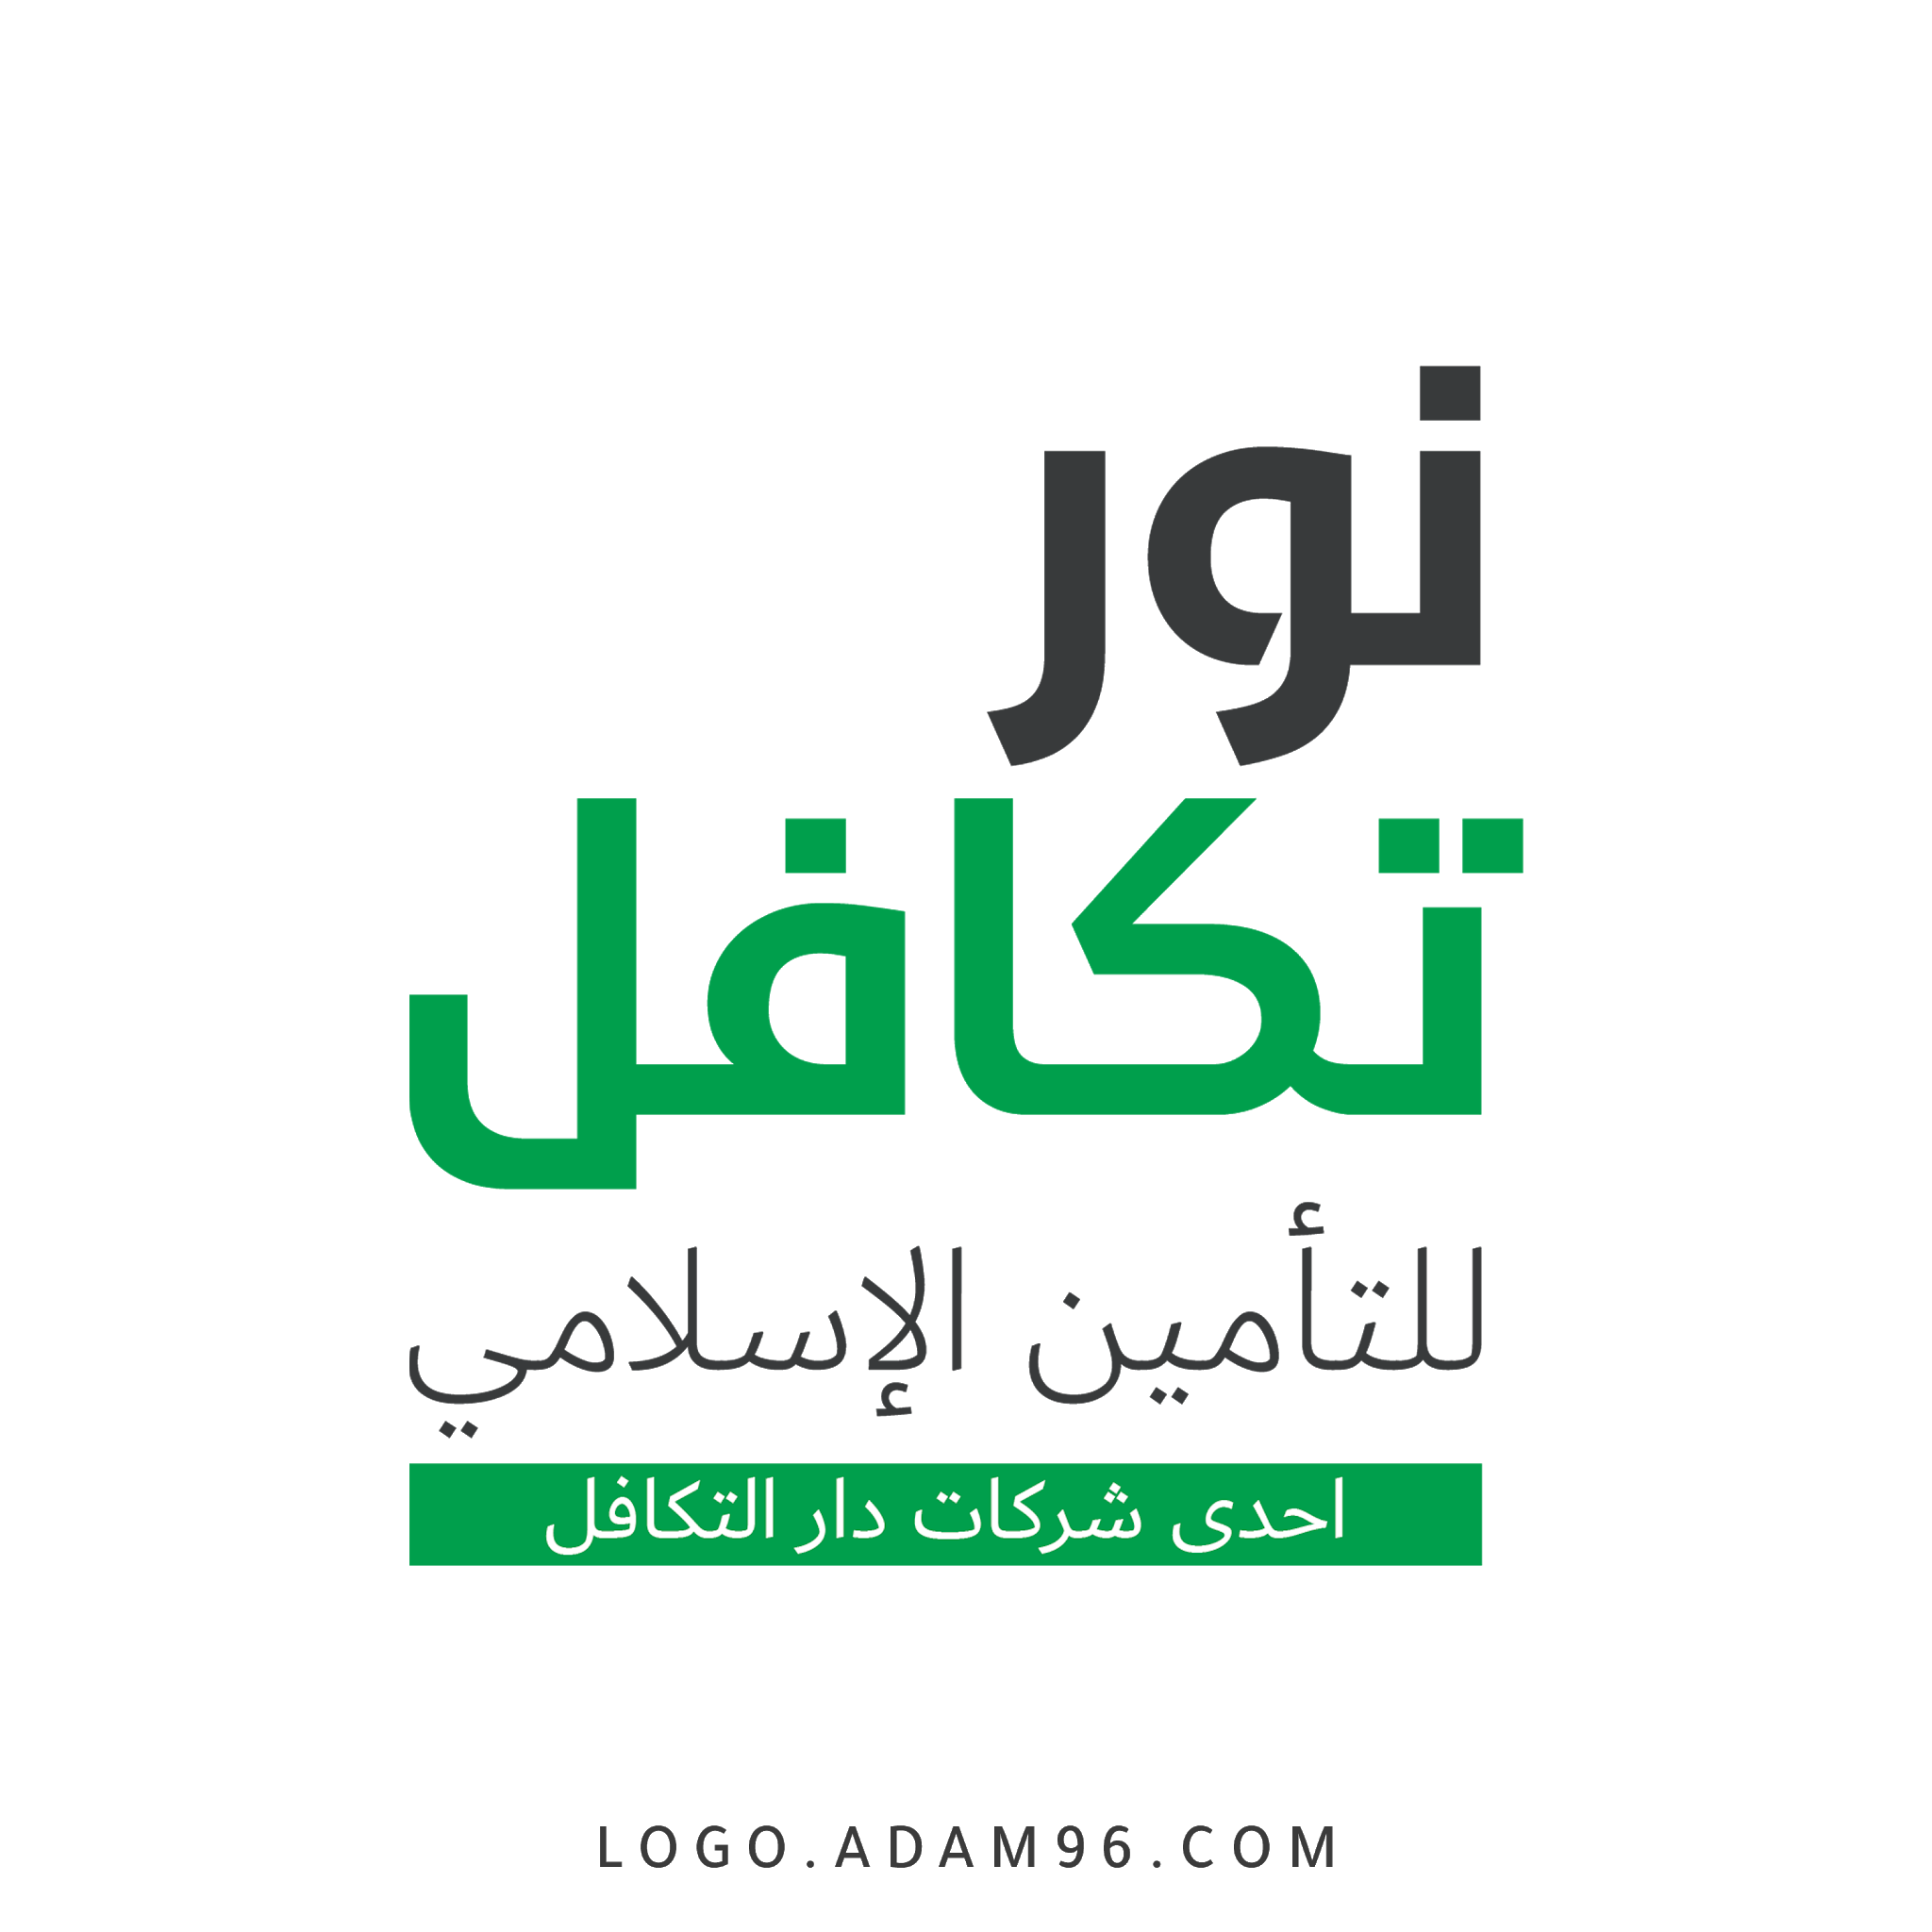 تحميل شعار شركة نور للتكافل للتأمين الاسلامي - السعودية لوجو PNG